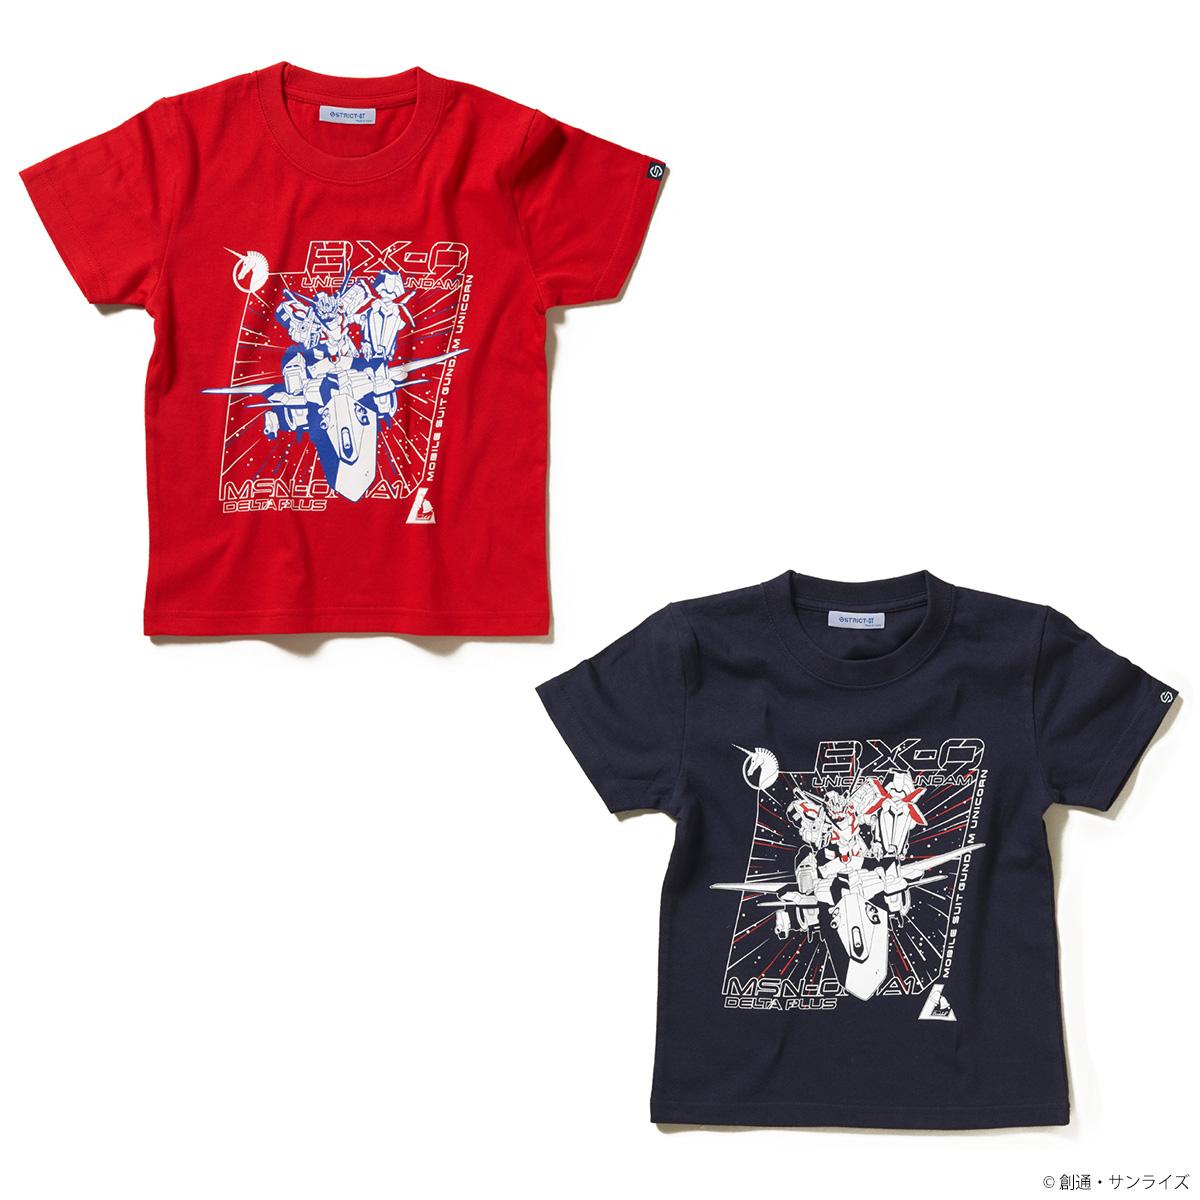 『機動戦士ガンダム』キッズTシャツコレクション 第二弾発売!